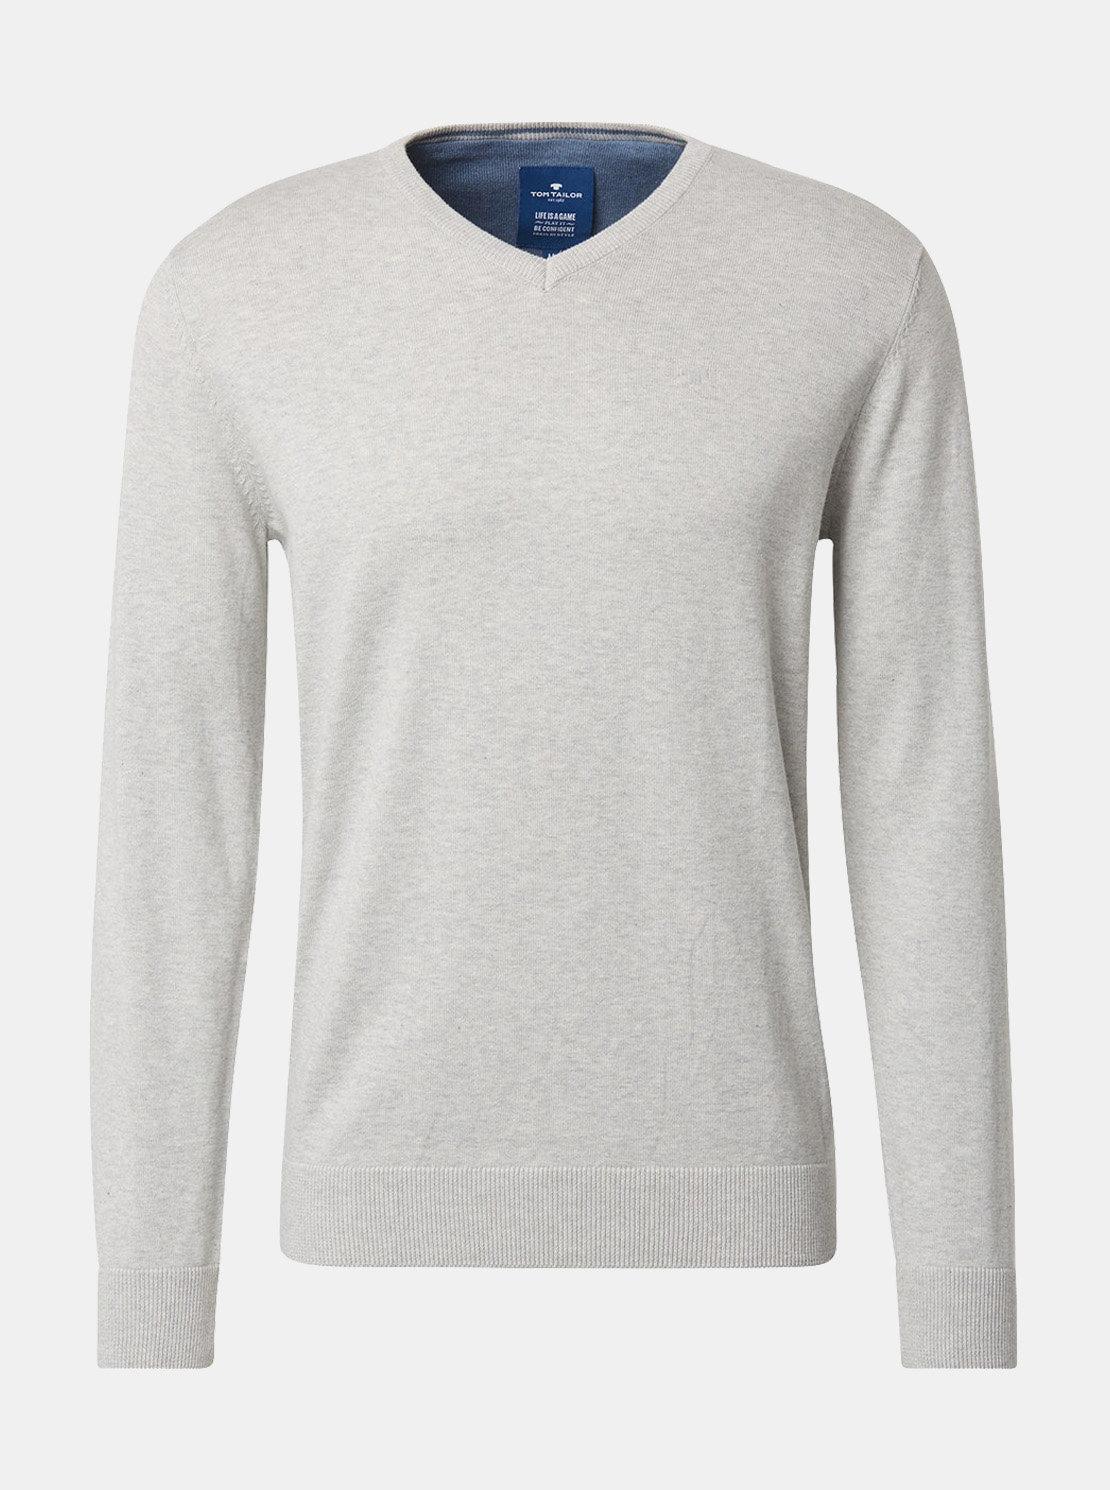 3824d9ec0c3c Svetlosivý pánsky melírovaný sveter Tom Tailor ...